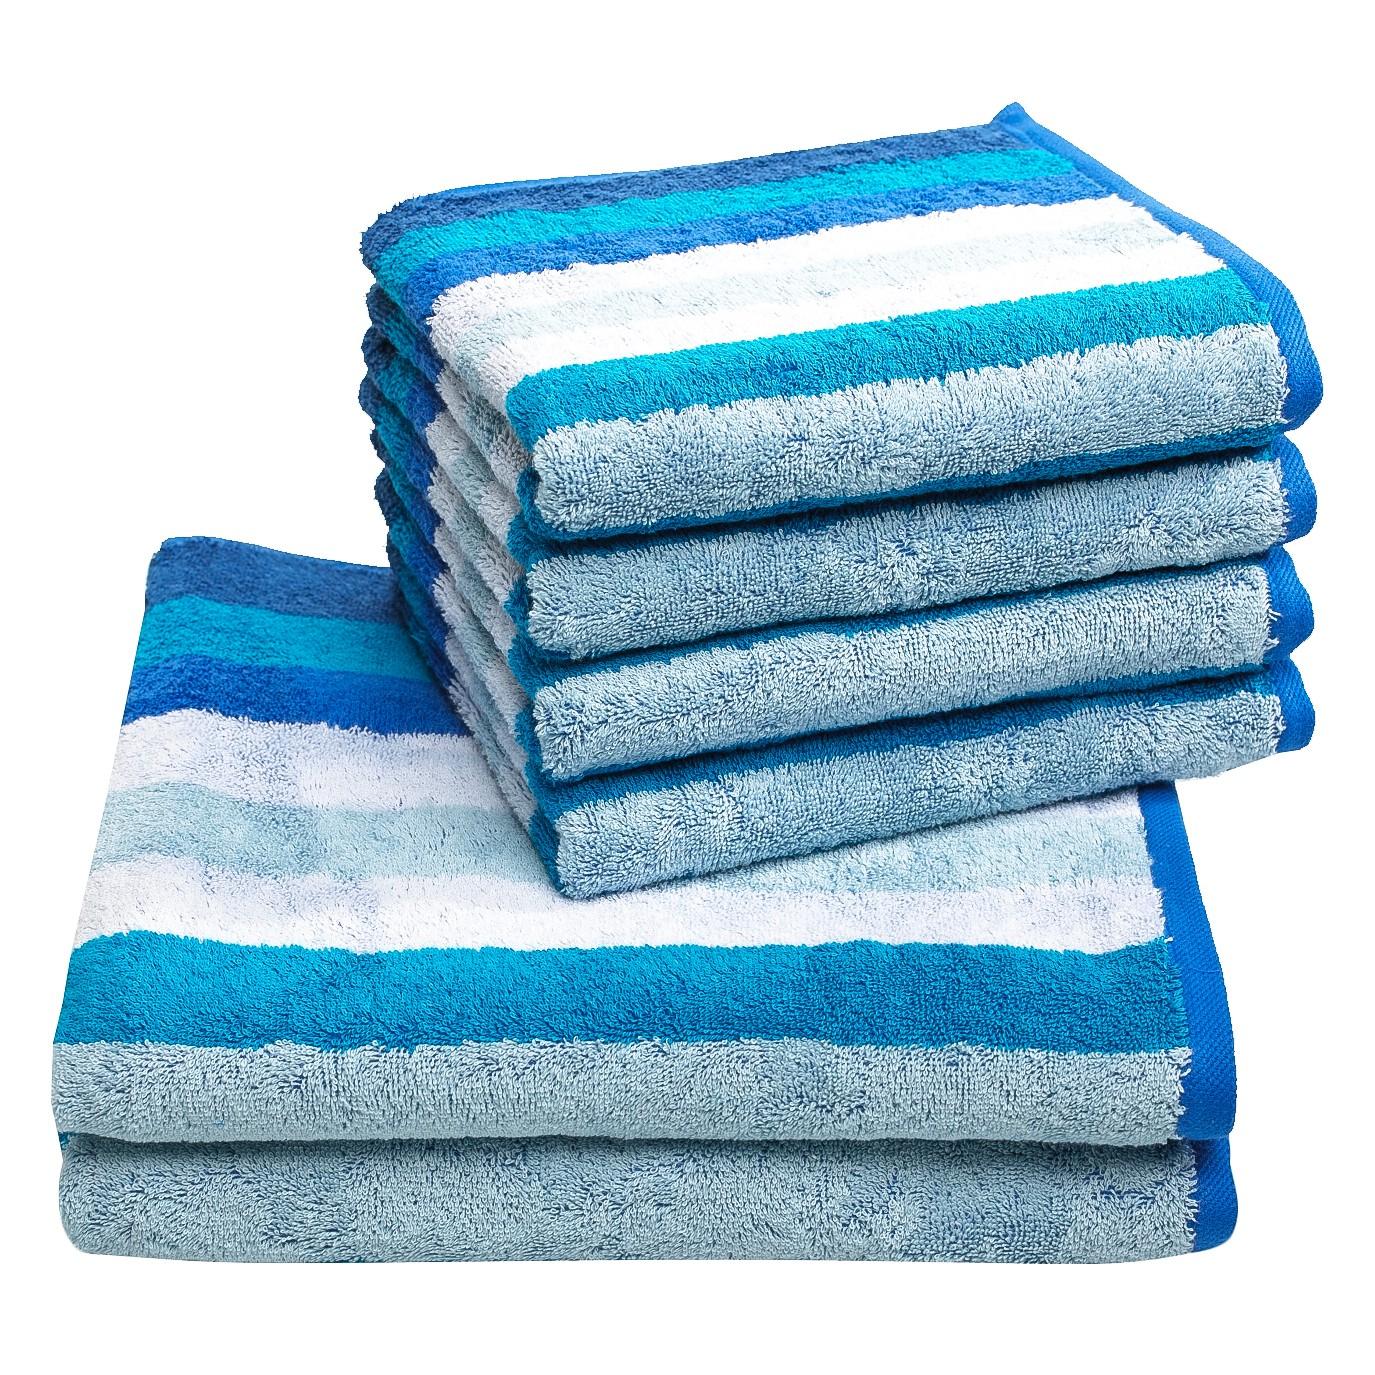 Handdoeken Sisco (6-delige set) - katoen - Blauw, Vestio